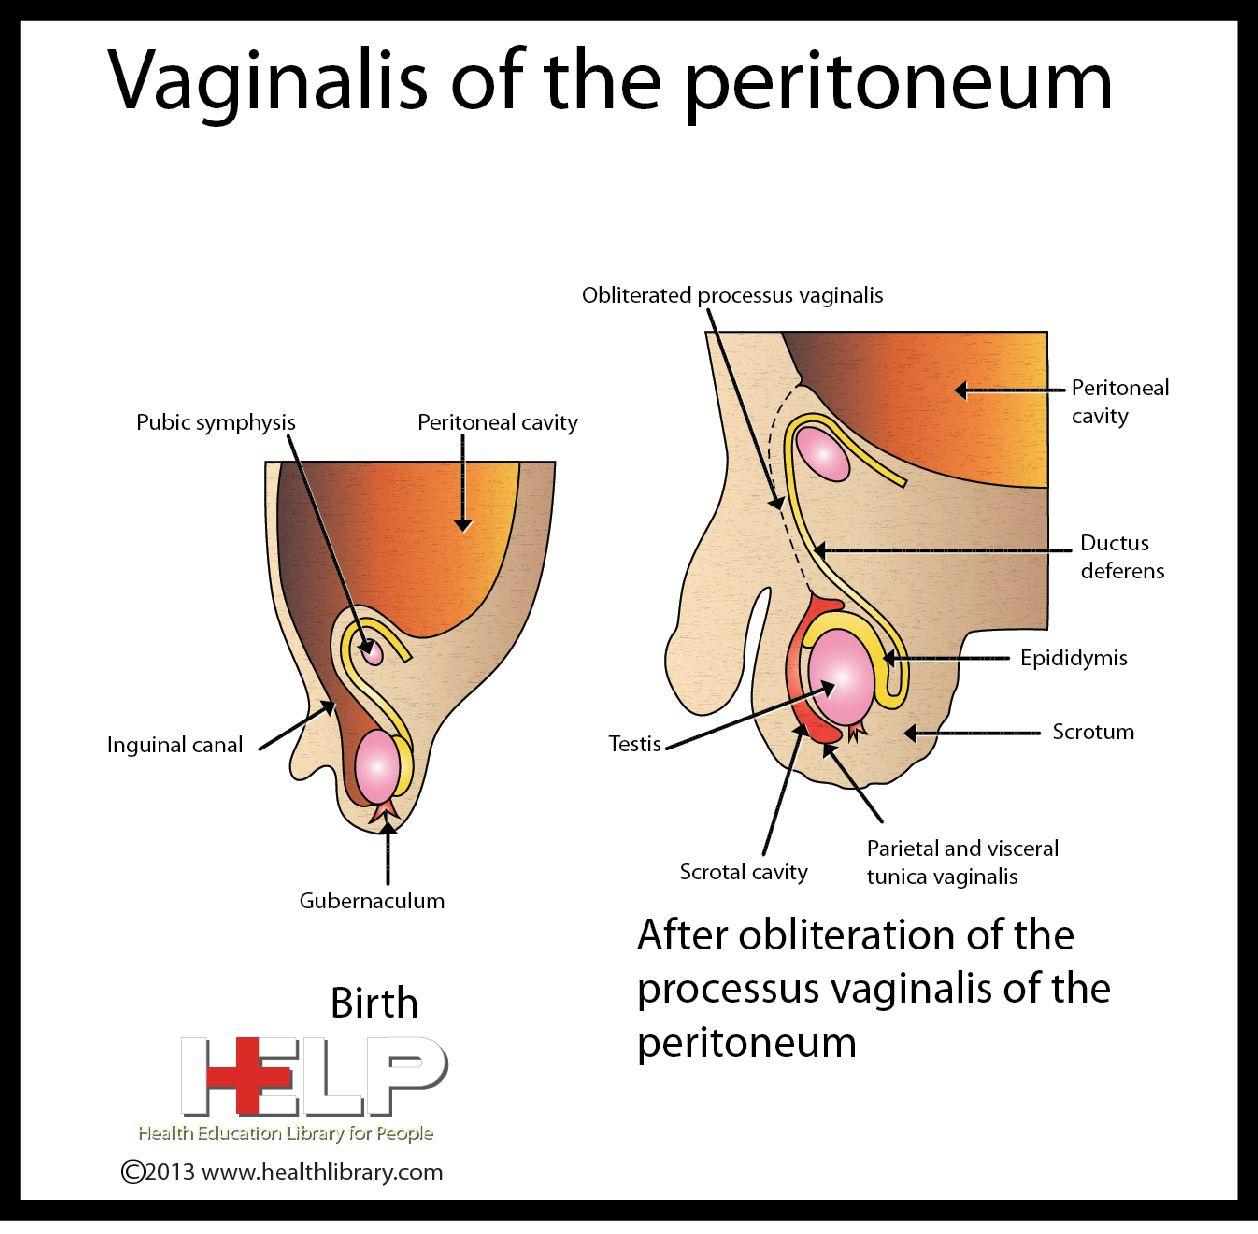 Vaginalis Of The Peritoneum